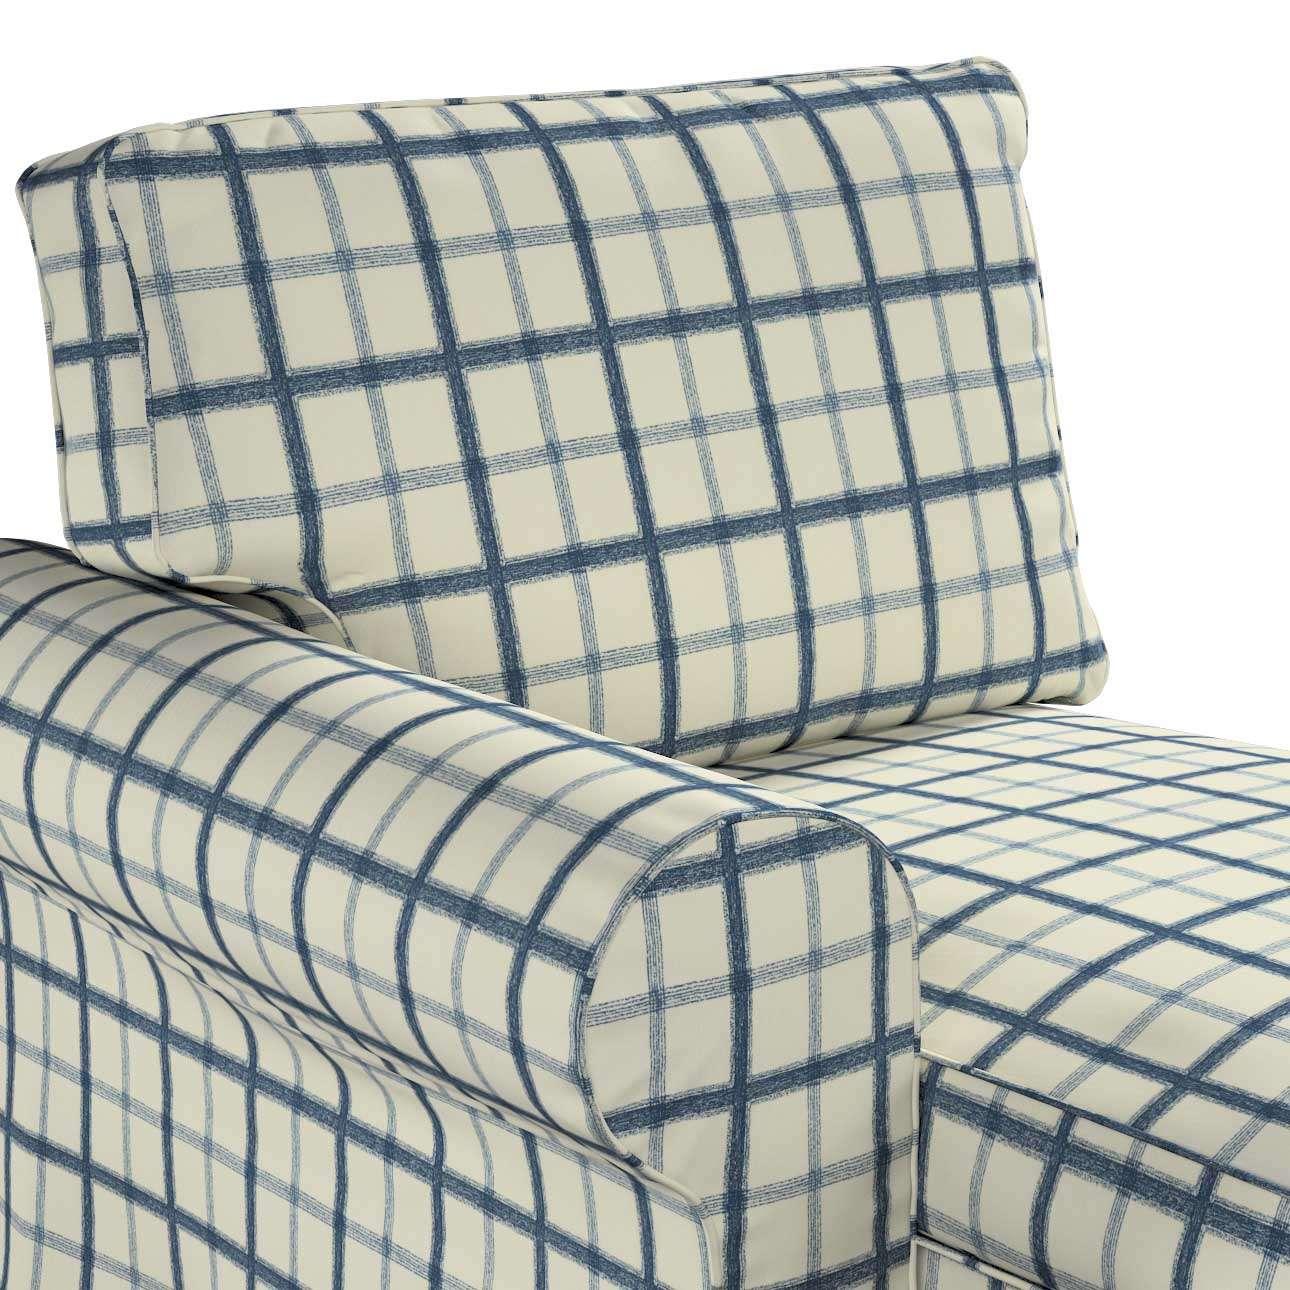 Pokrowiec na szezlong Ektorp lewy w kolekcji Avinon, tkanina: 131-66